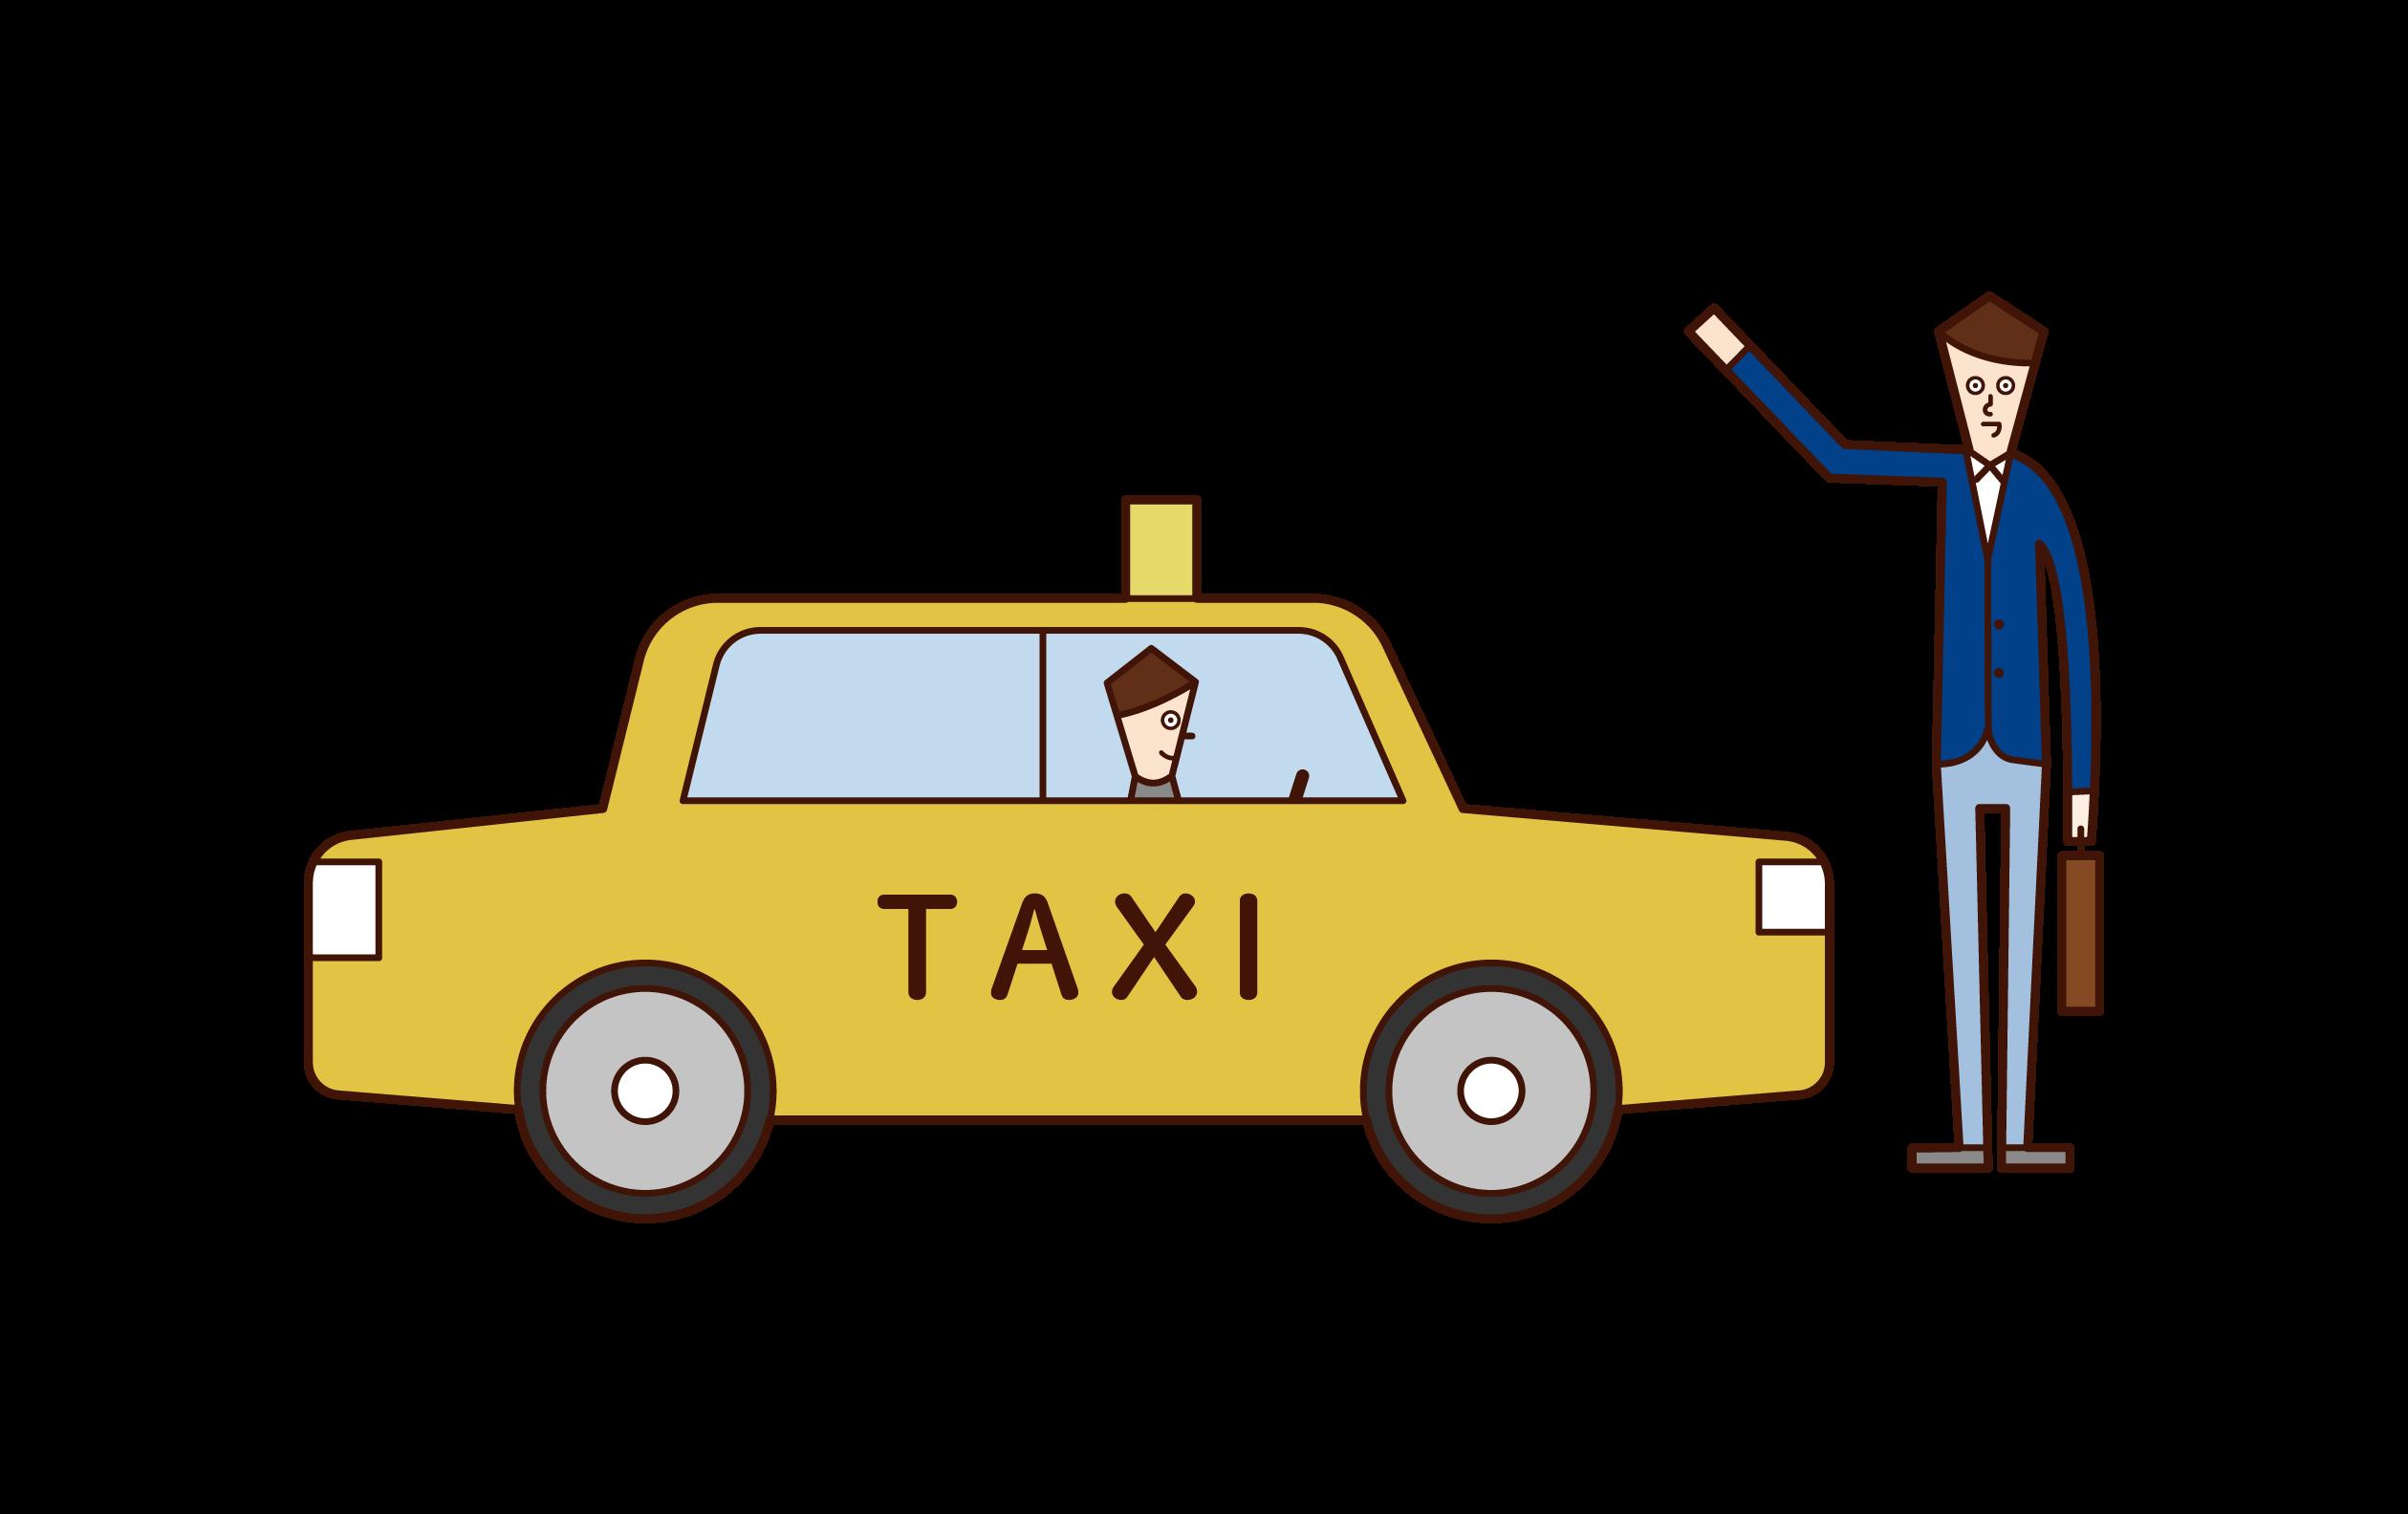 택시를 잡는 남자의 그림